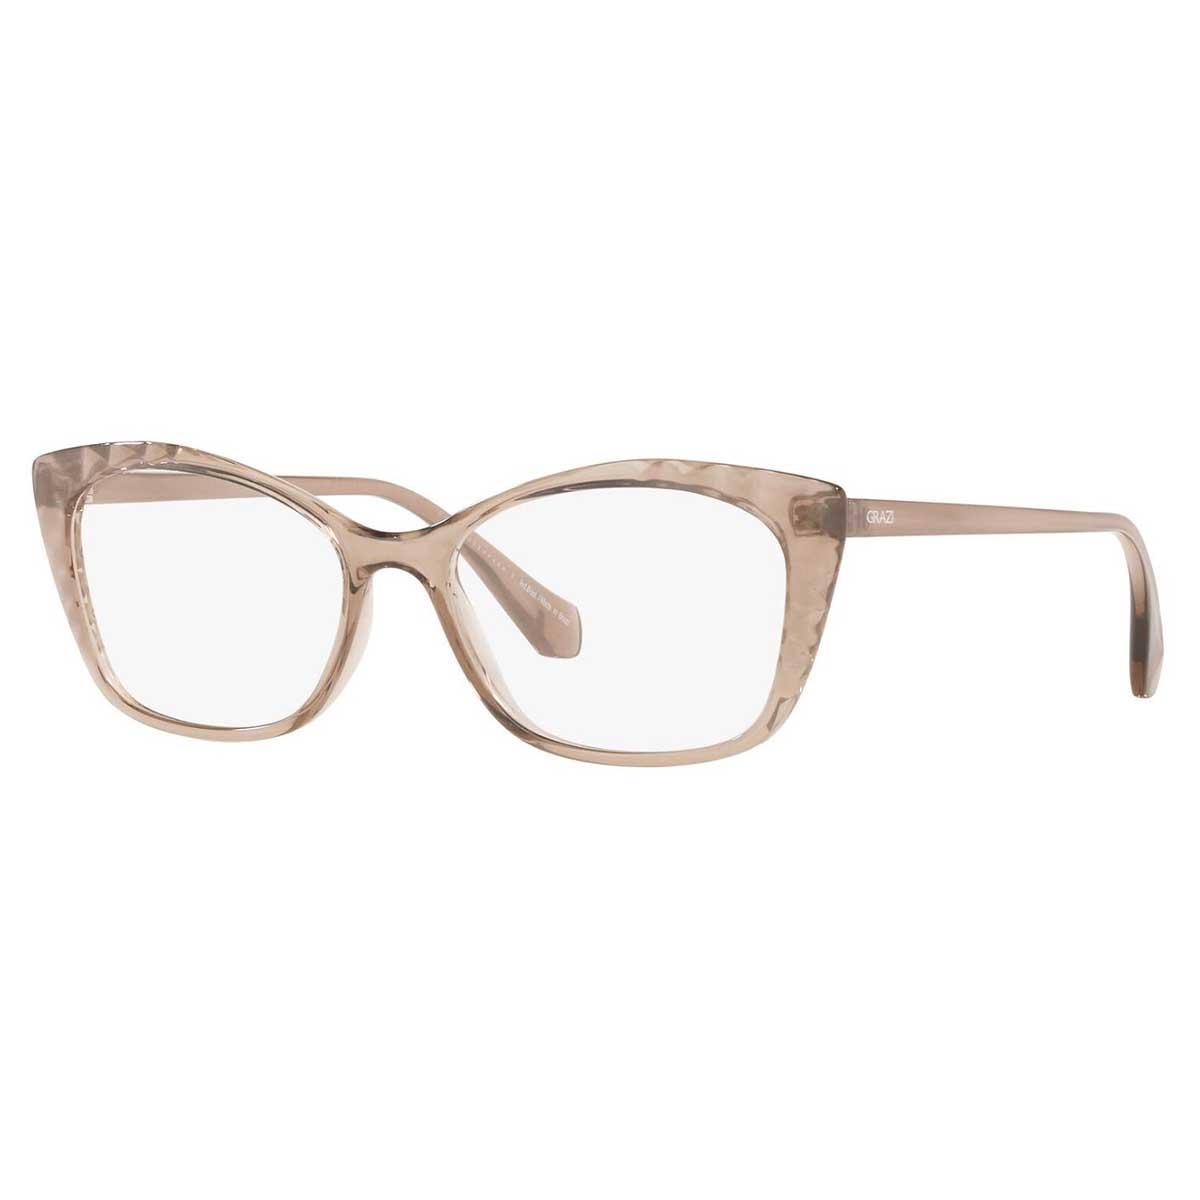 Óculos de Grau Grazi Massafera GZ3080 Marrom Translúcido